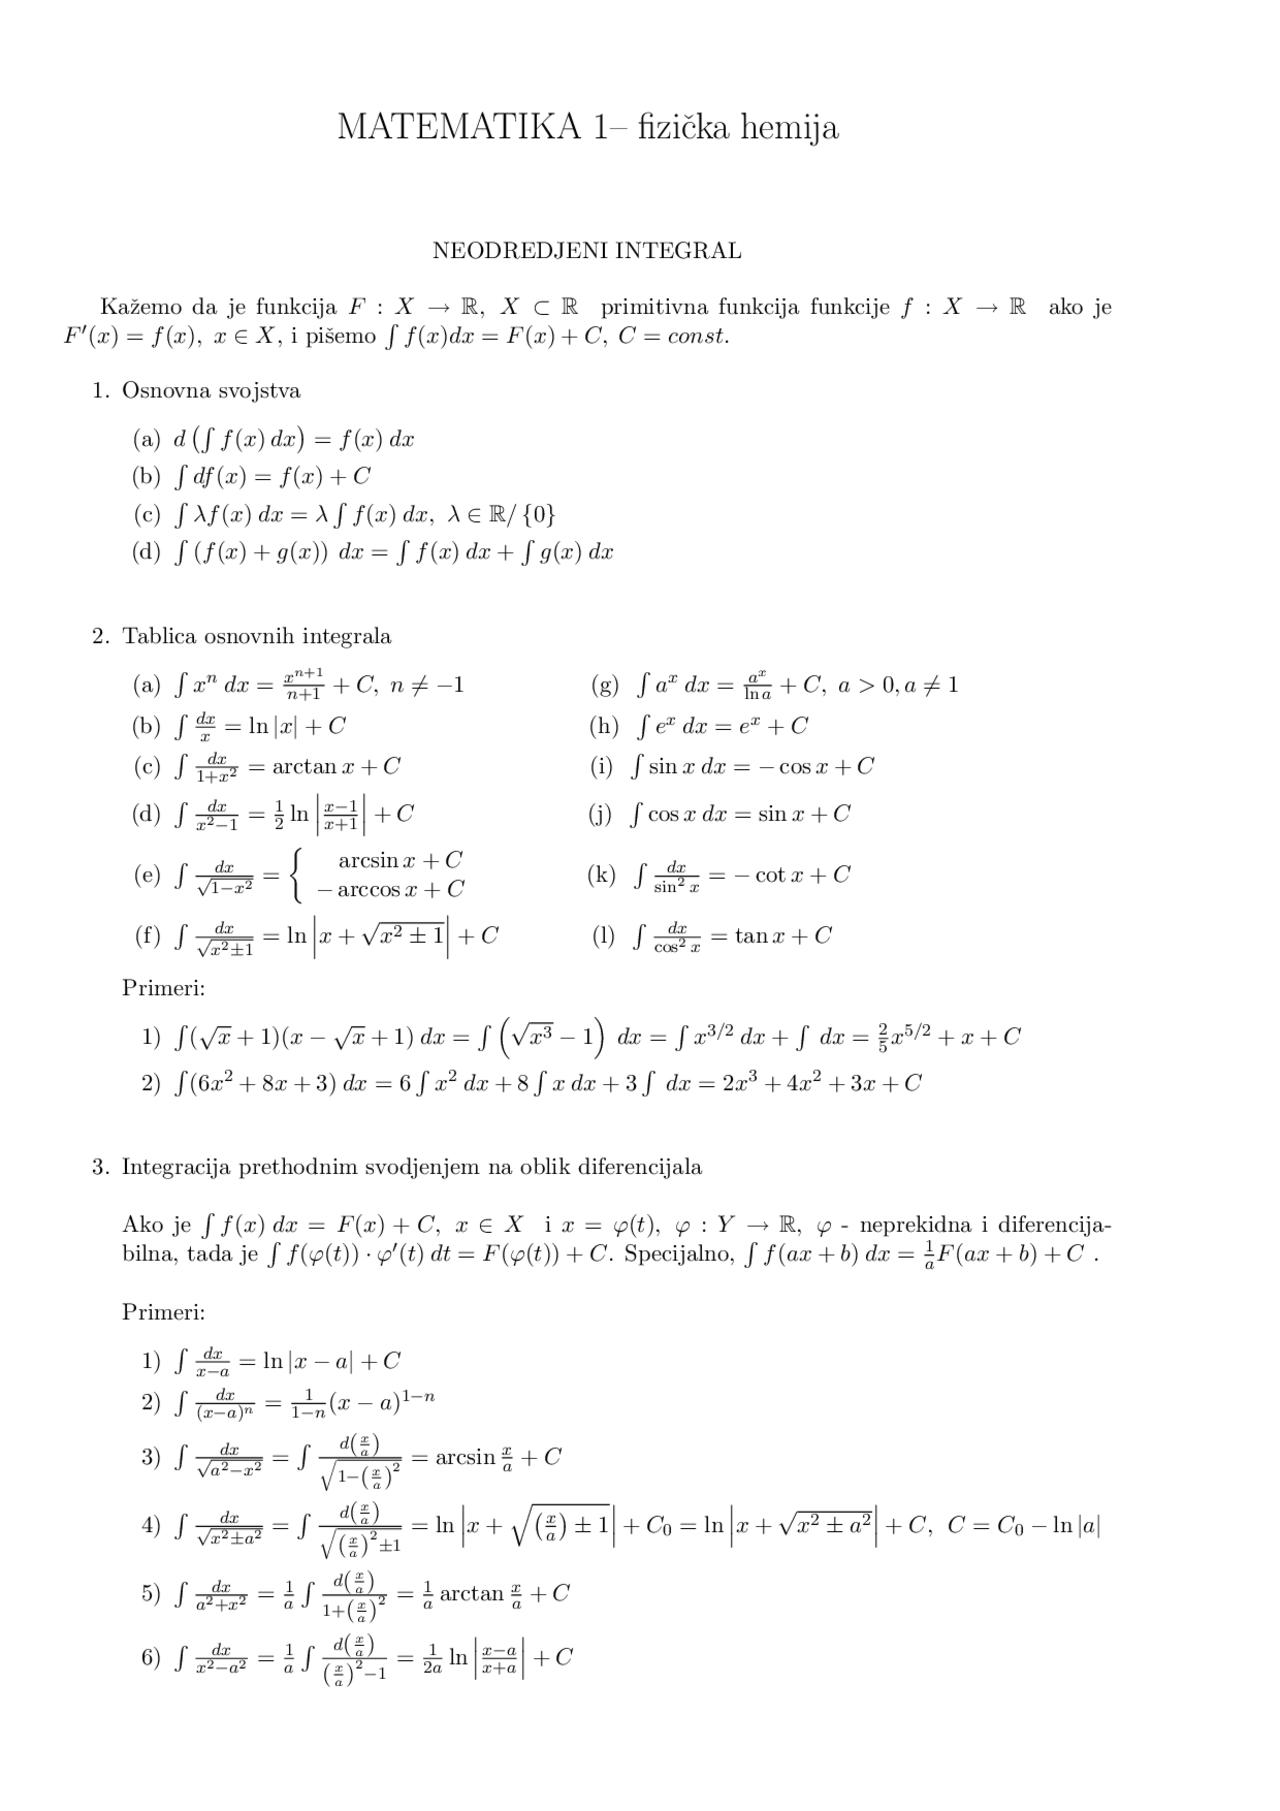 Neodredjeni Integrali Matematika Rezime Predlog Matematika Docsity